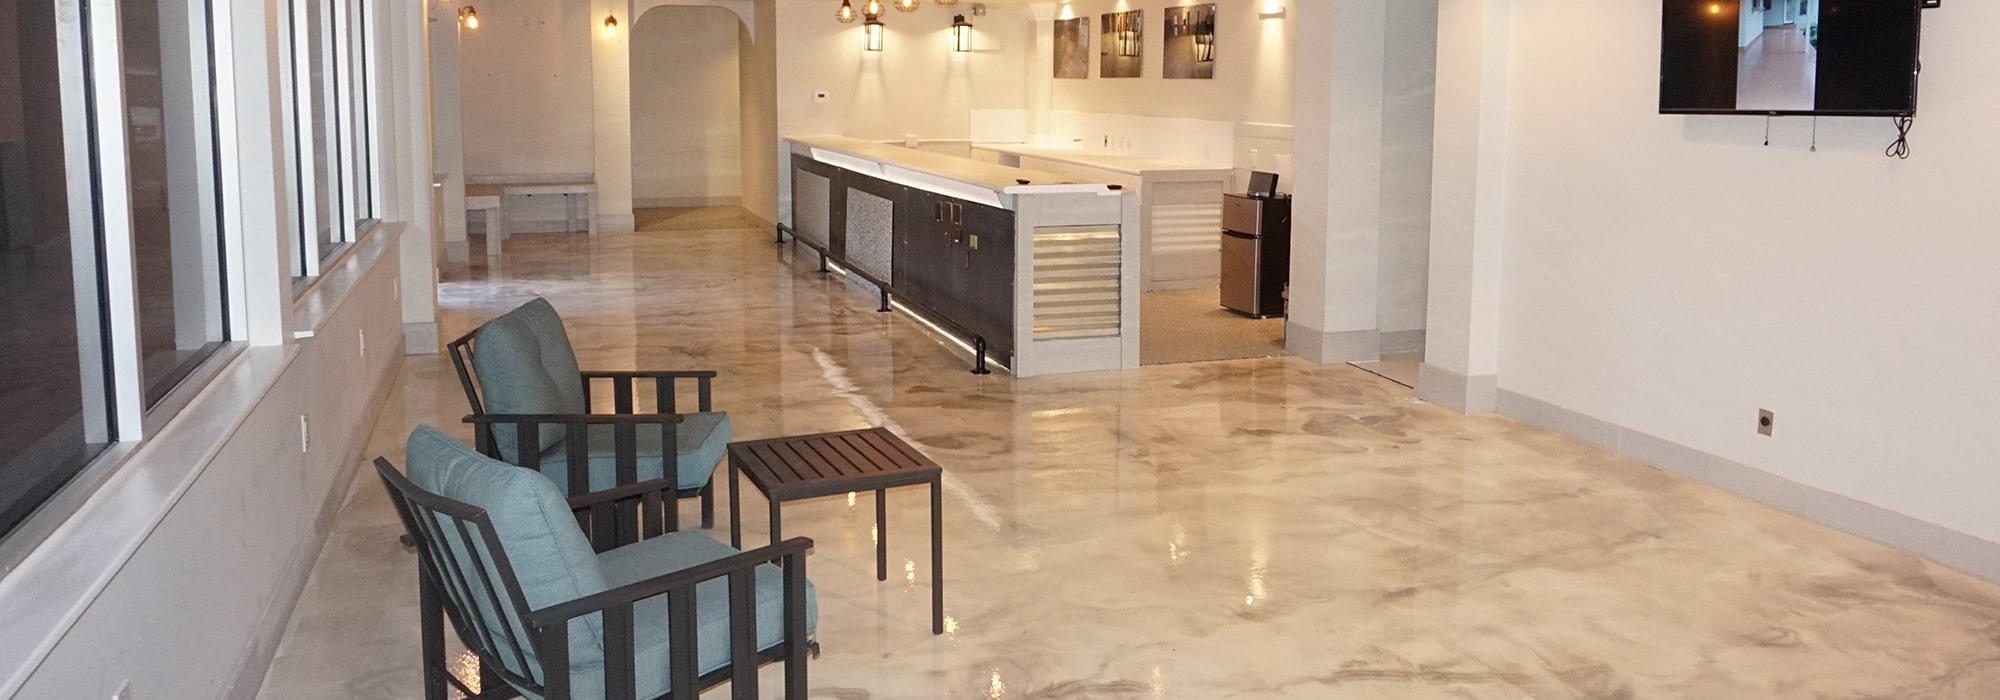 Waiting-Room-Stained-Floors-San-Antonio